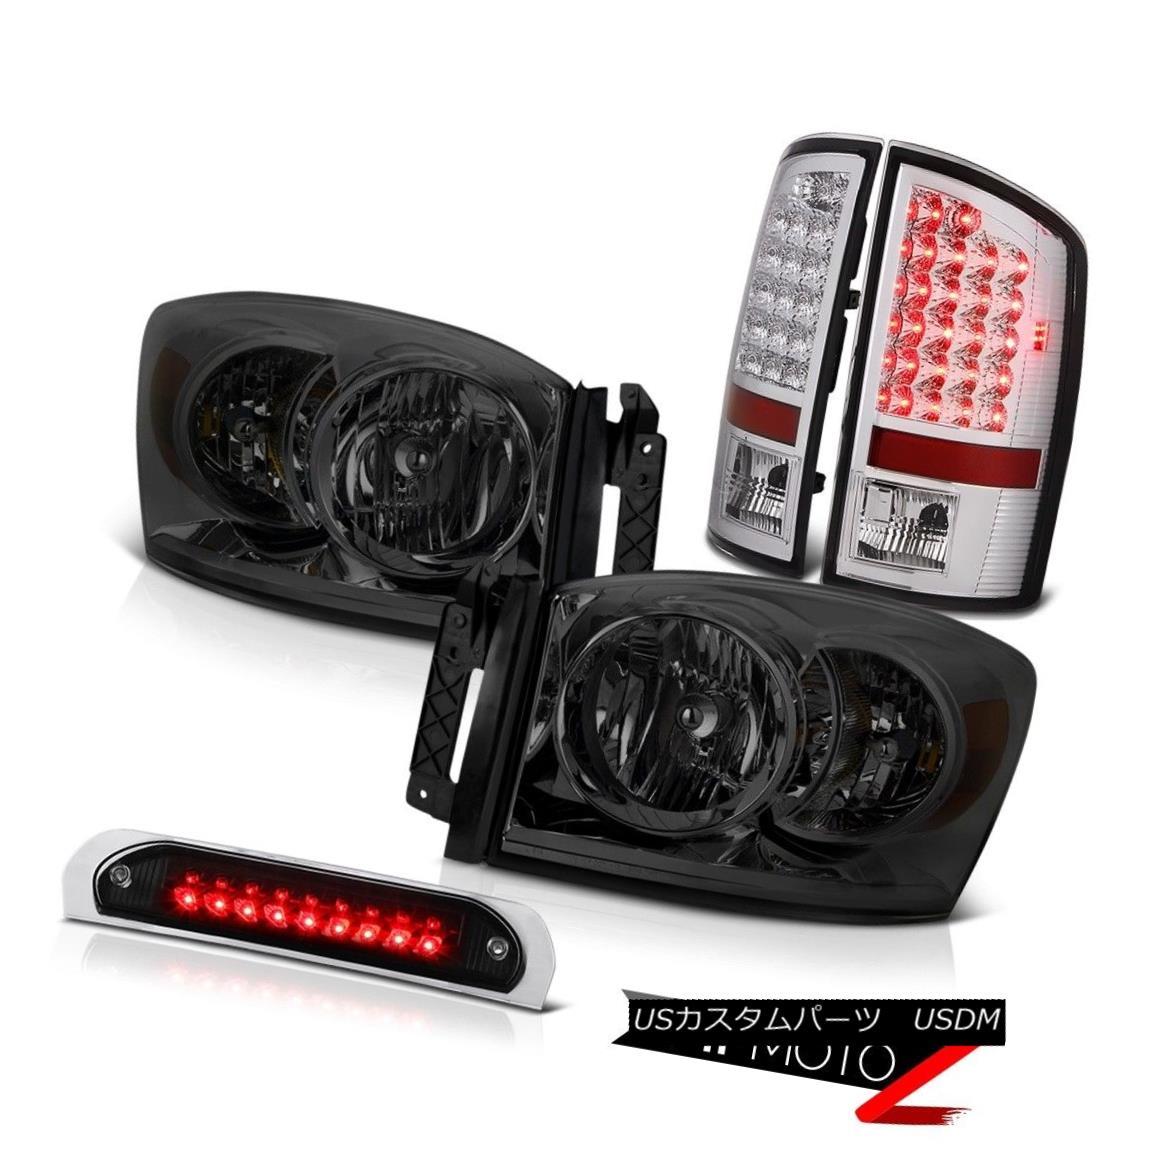 ヘッドライト 2X Dark Smoke Headlights Bright LED Tail Lights High Stop Black 2006 Ram Hemi 2Xダークスモークヘッドライト明るいLEDテールライトハイストップブラック2006 Ram Hemi